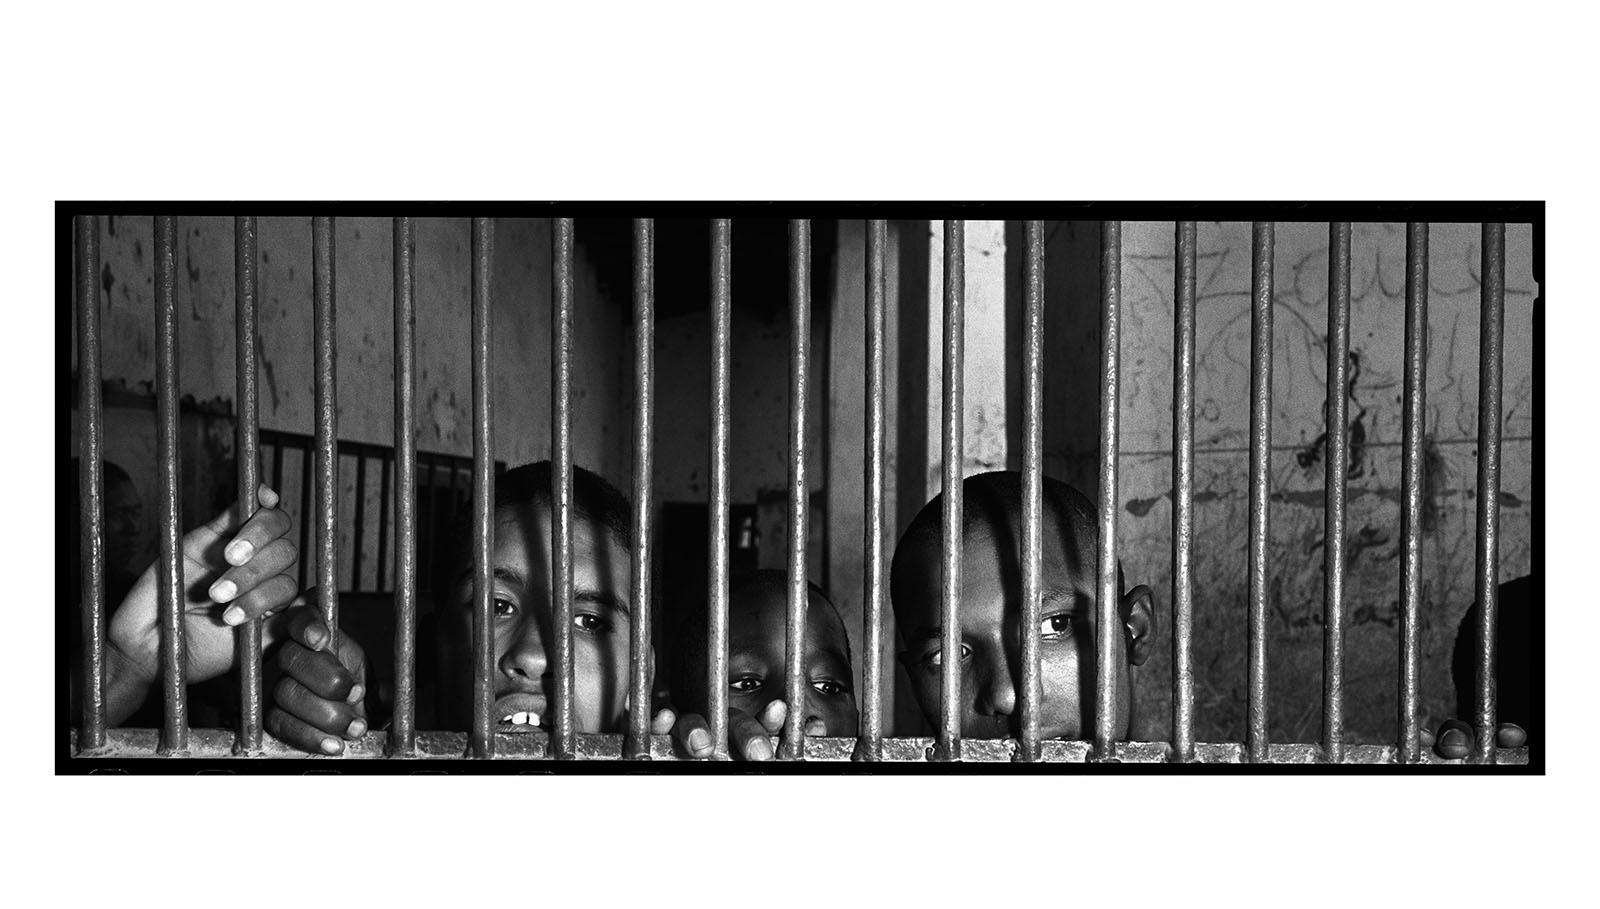 Niños y jóvenes de Mauritania internados en la cárcel, alejados de sus familias y ajenos a la Convención sobre los Derechos de la Infancia que su país suscribió en 1990. Conviven entre gritos, golpes y abusos, a lo que se suma la escasez de agua potable y la carencia de unas condiciones sanitarias mínimas.